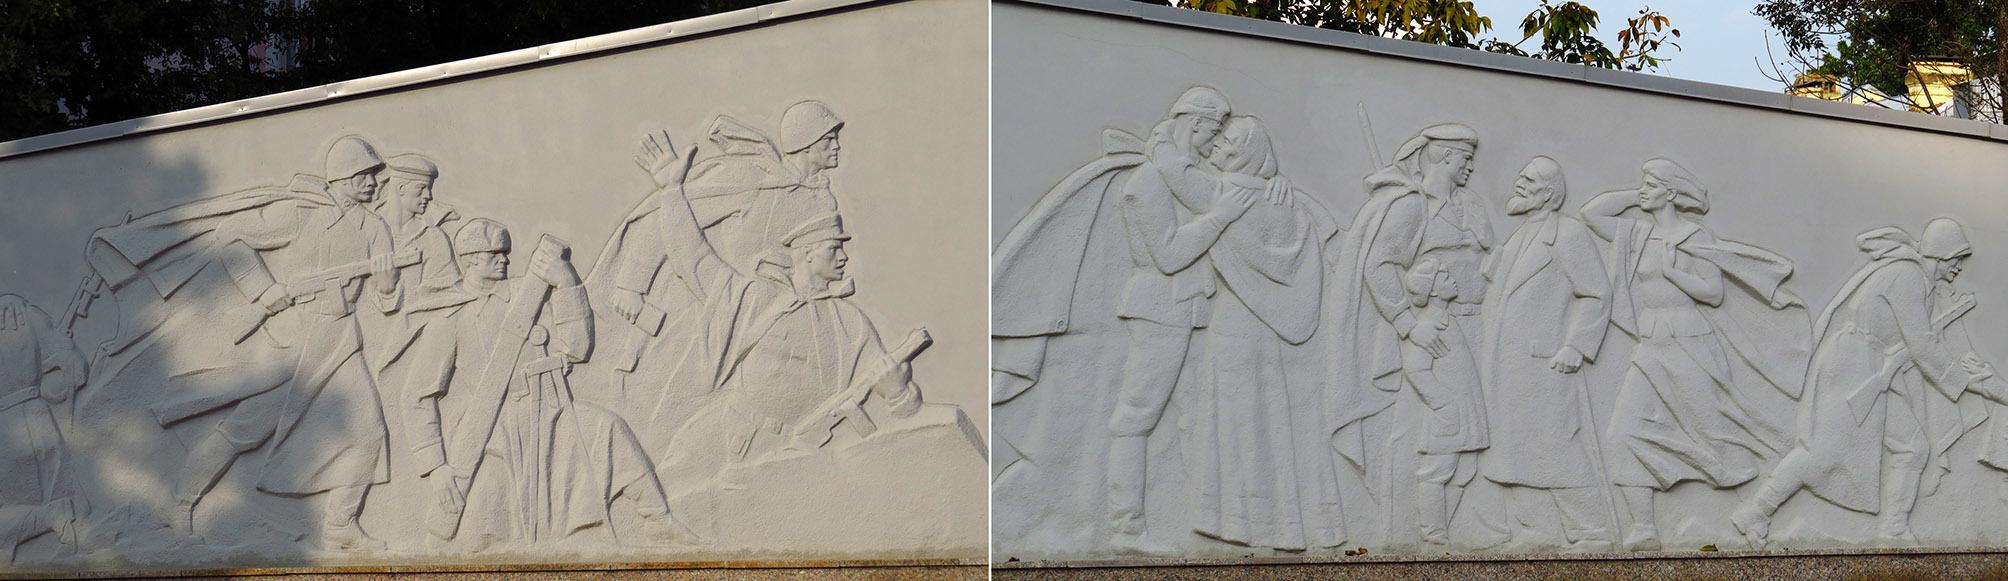 Краснодар . Часть 4: восточнее Красной казаки,дорожное,Русский Юг